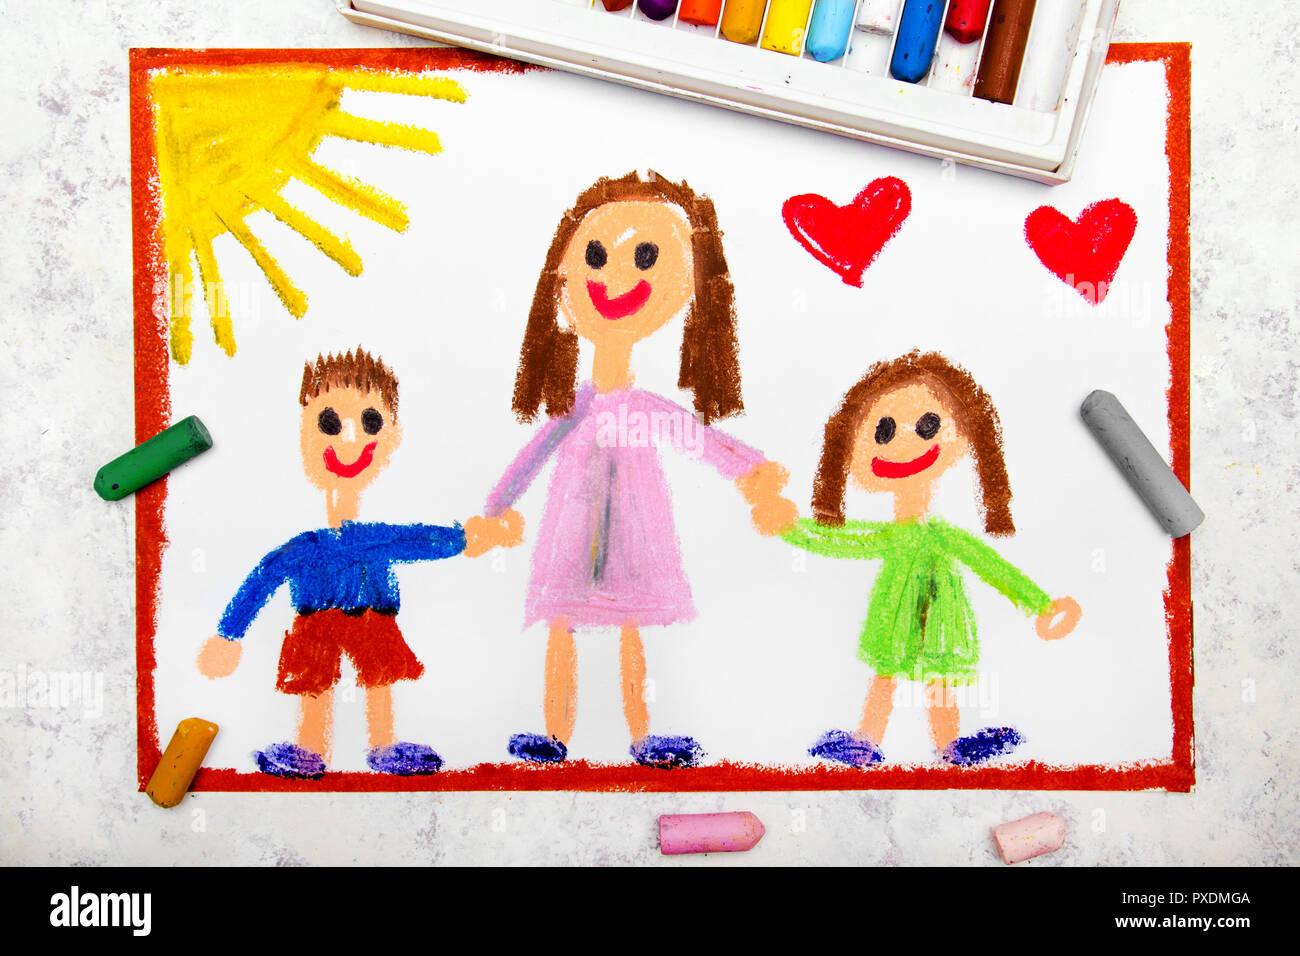 Dessin Coloré Single Parenting Smiling Family Avec La